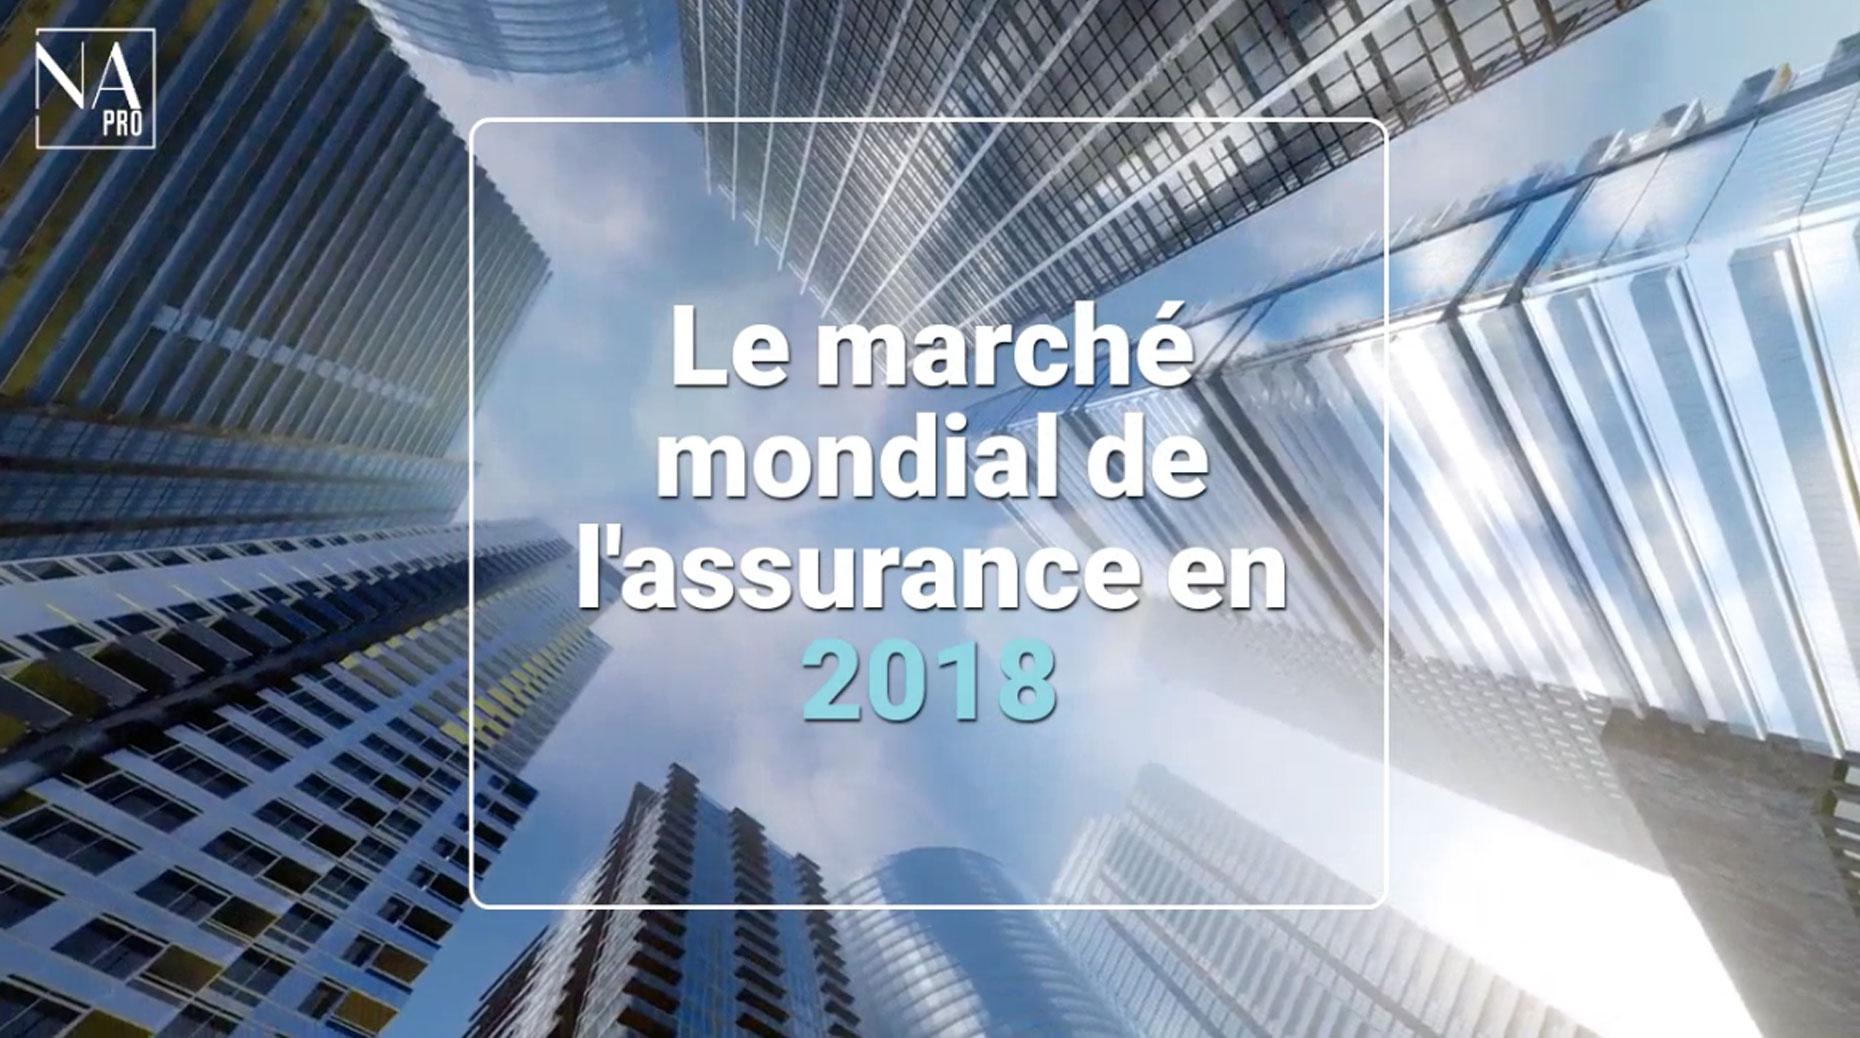 Story  : Le marché mondial de l'assurance en 2018